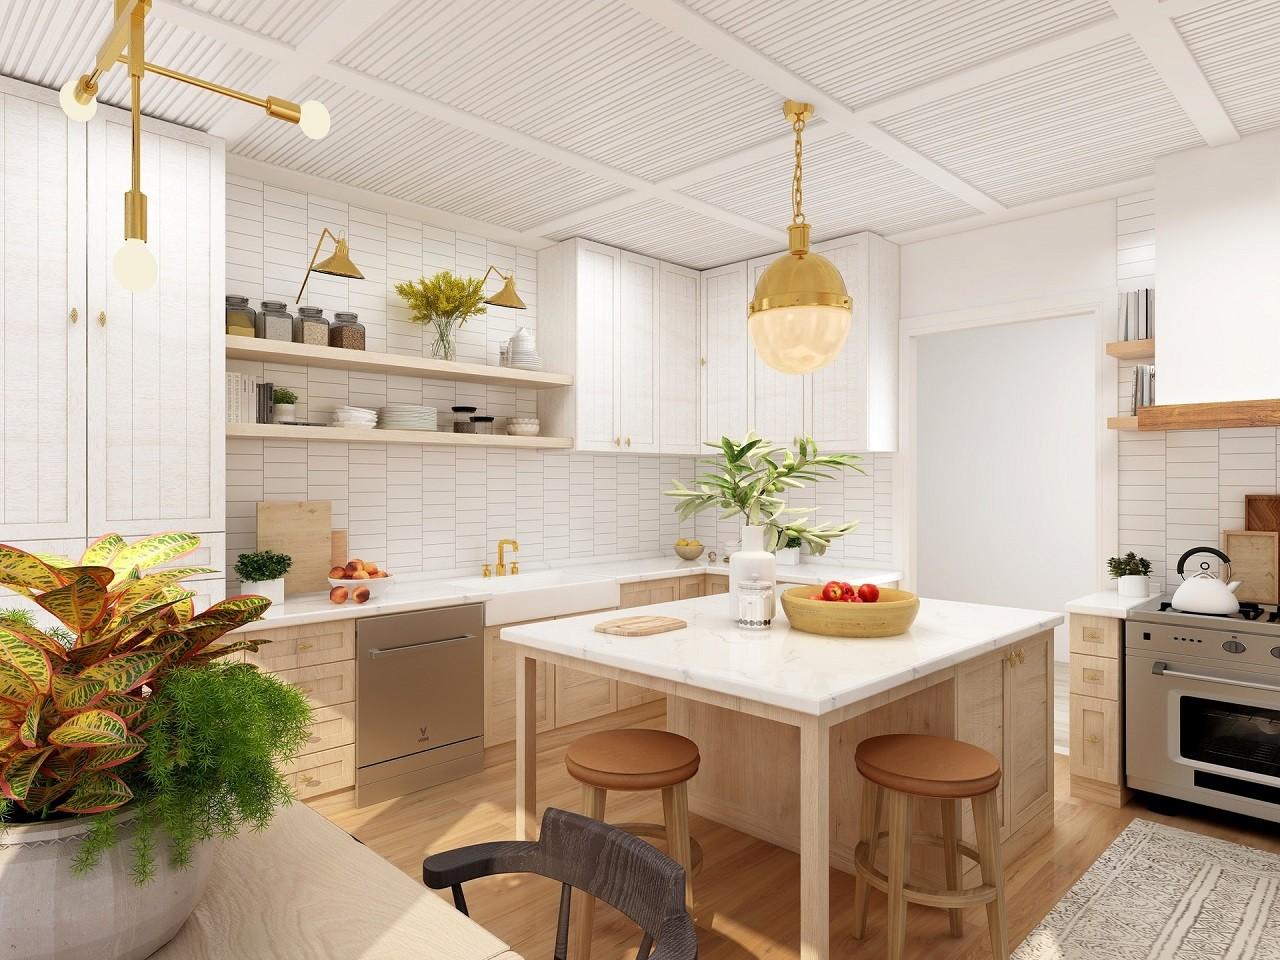 Dank der riesigen Modellauswahl, gibt es sicherlich auch die richtige Zwischenbauhaube für Deine Küche.